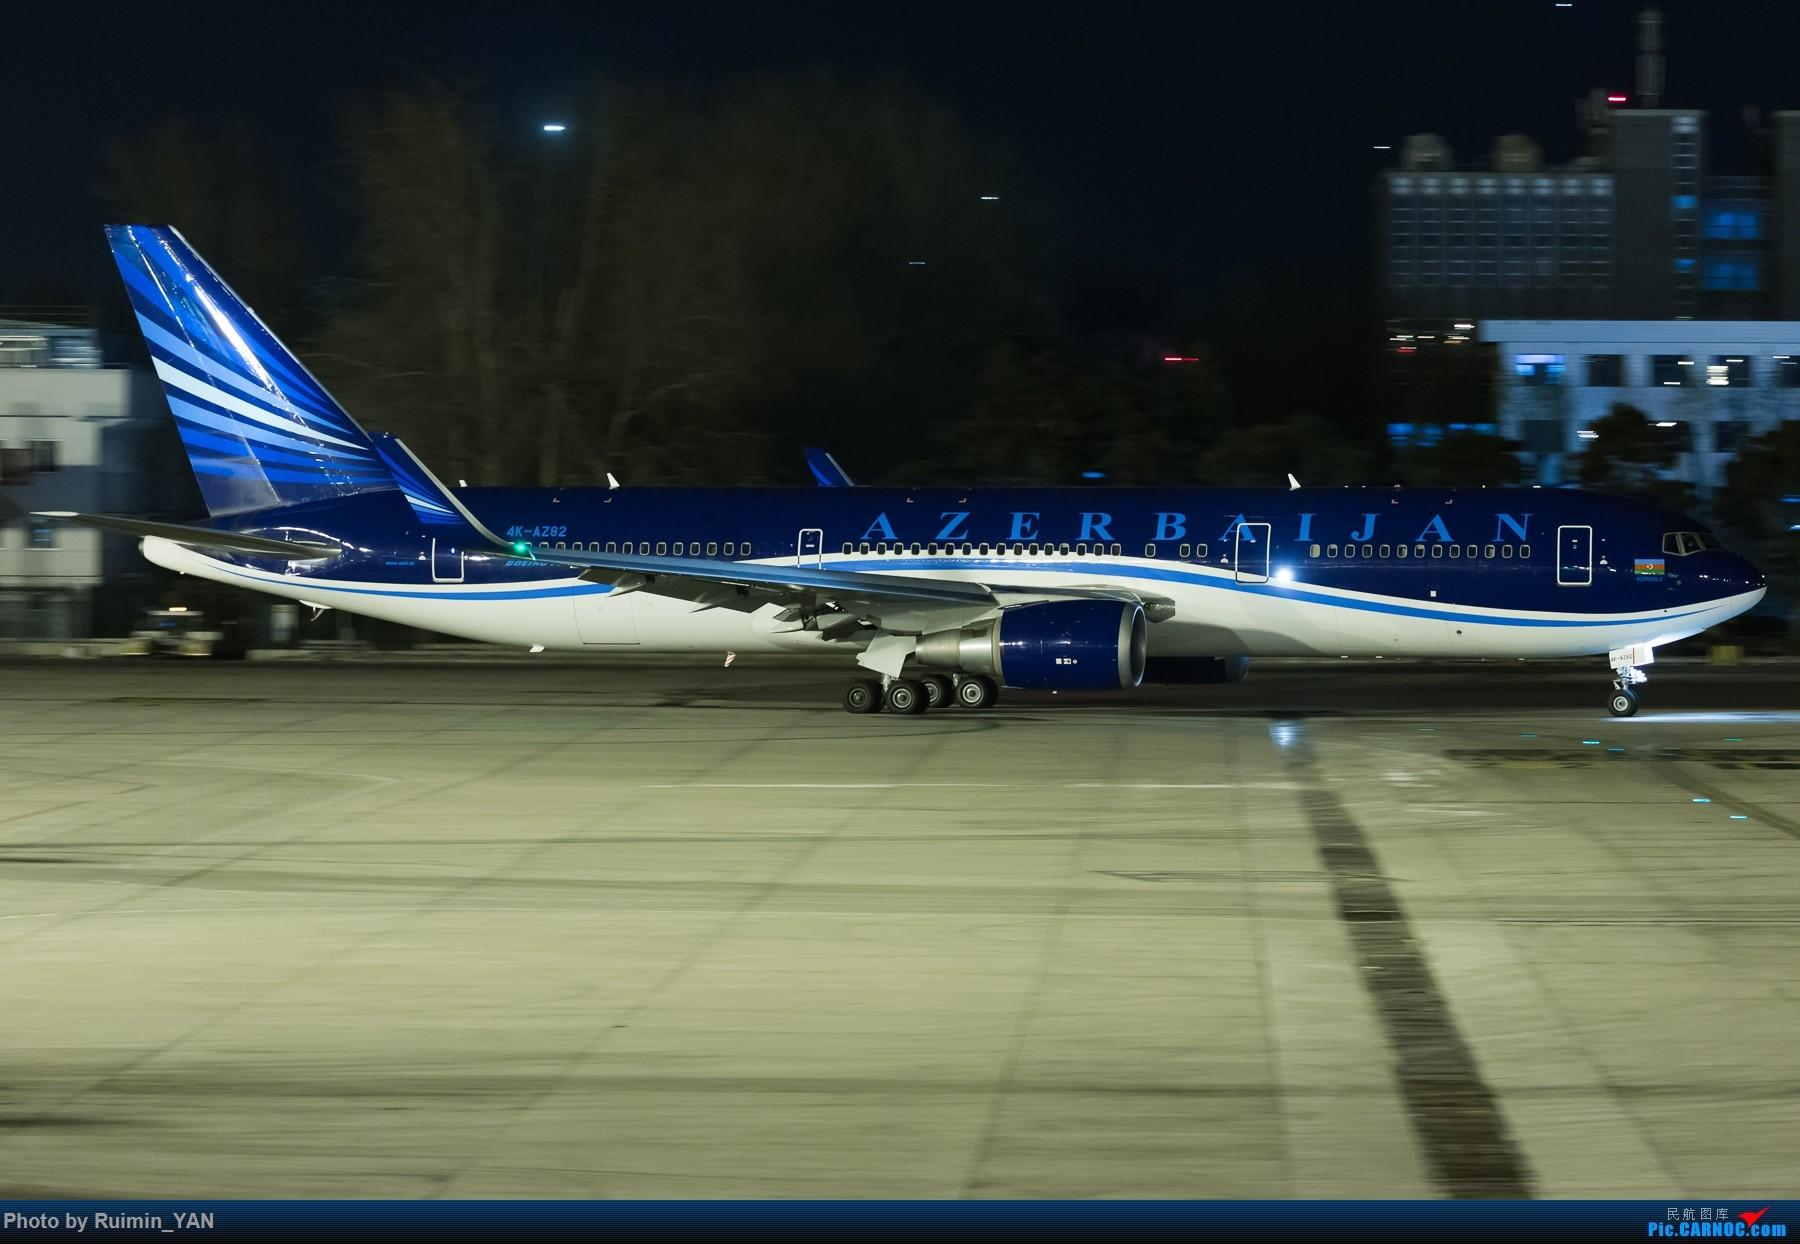 [原创]【PEK飞友会】【首发】阿塞拜疆总统阿利耶夫访华结束乘阿塞拜疆航空(Azerbaijan Airlines,J26731)空客346回巴库 BOEING 767-300ER 4K-AZ82 中国北京首都国际机场